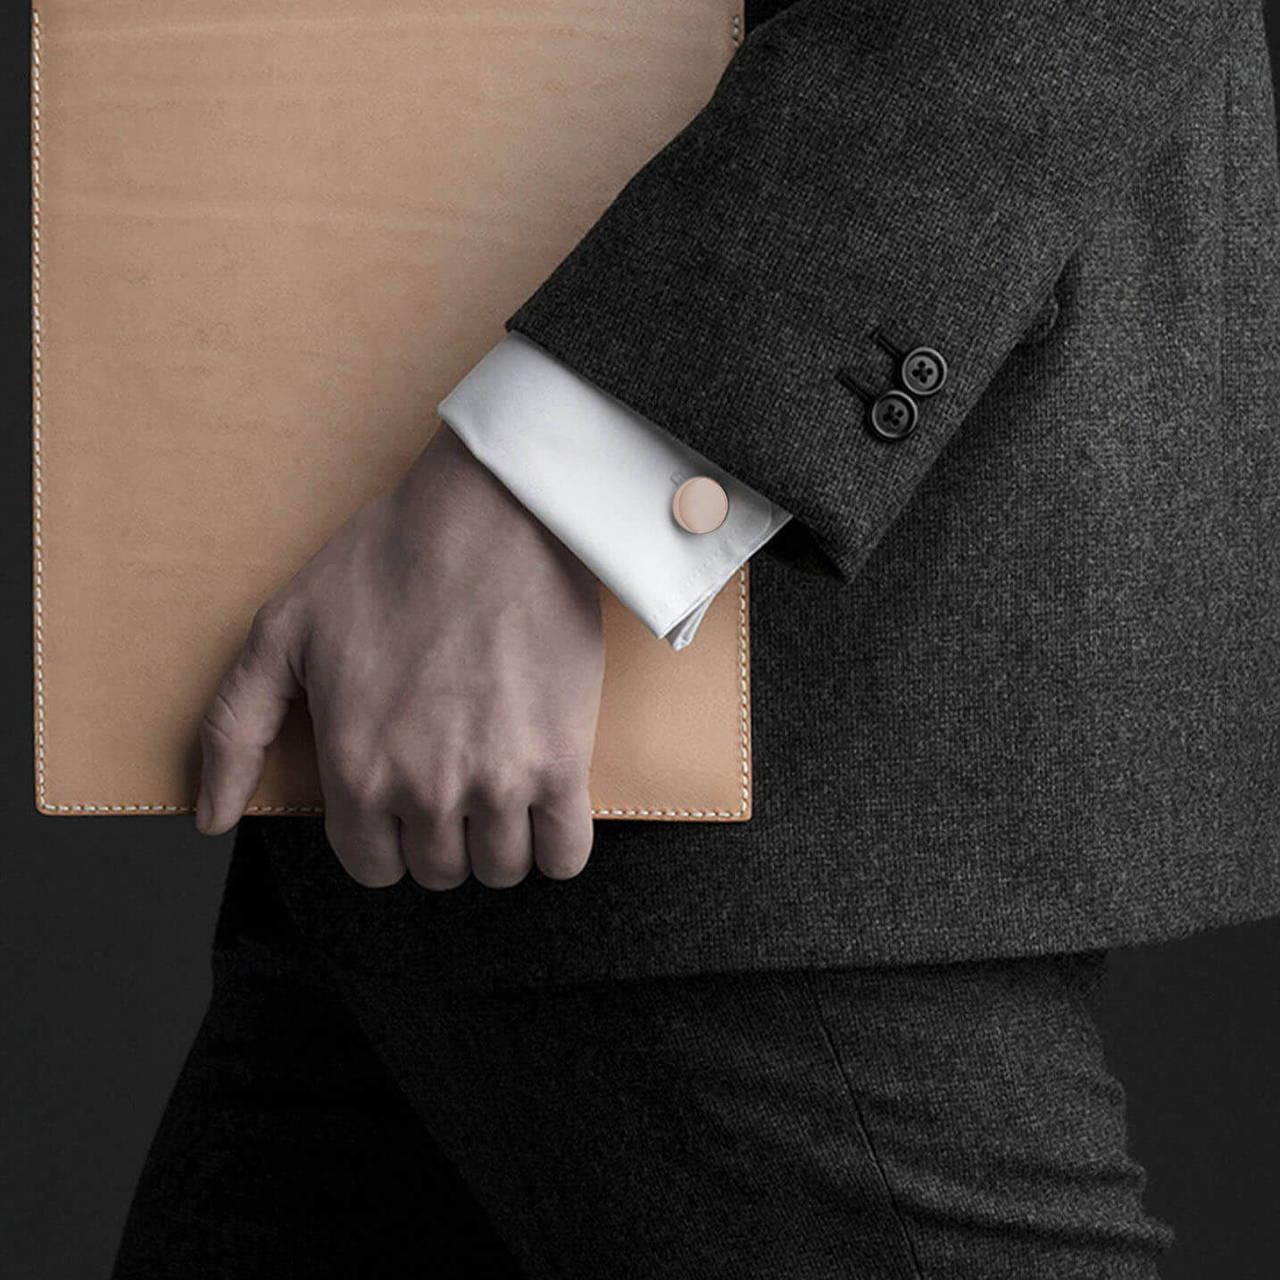 Rose Gold Cufflink worn